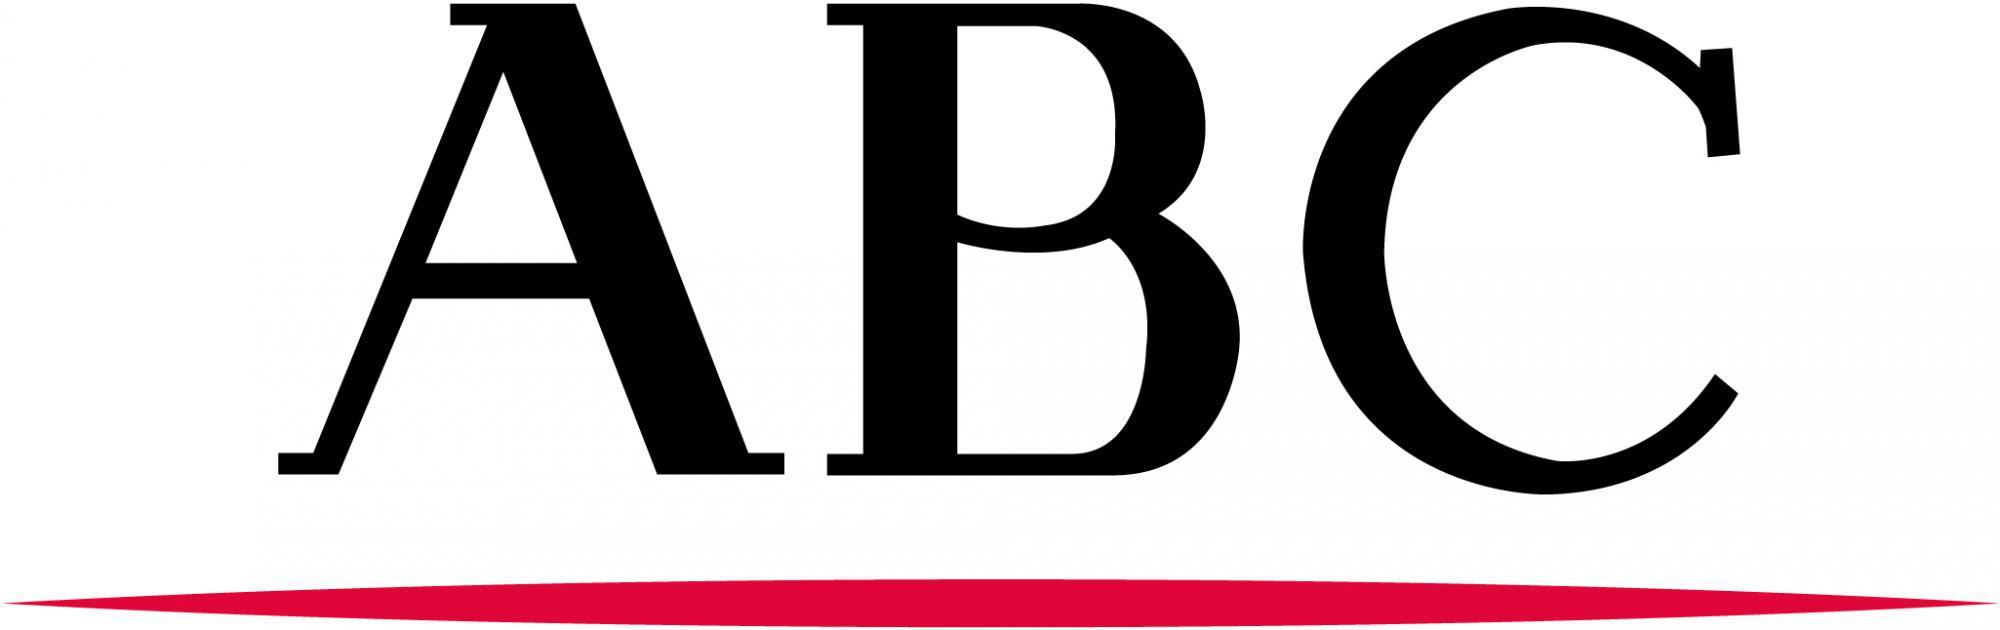 Acertado editorial del diario ABC sobre el frenazo de la economía ...